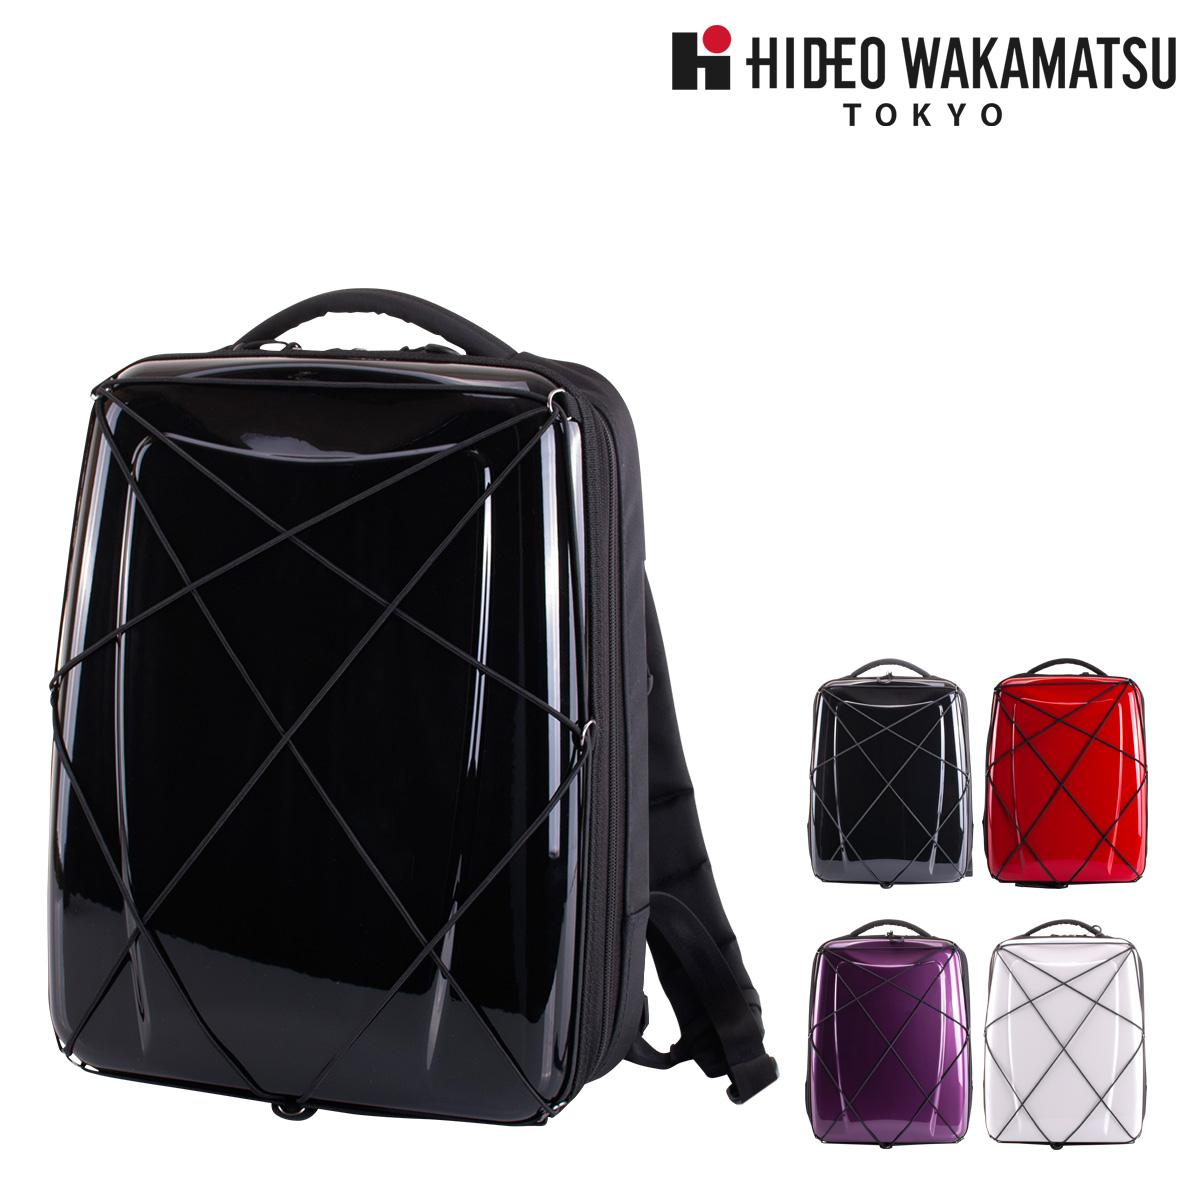 ヒデオワカマツ リュック 15L ハイブリッドギアバックパック メンズ 85-57120 HIDEO WAKAMATSU | リュックサック ビジネスバッグ防水 防汚[bef]